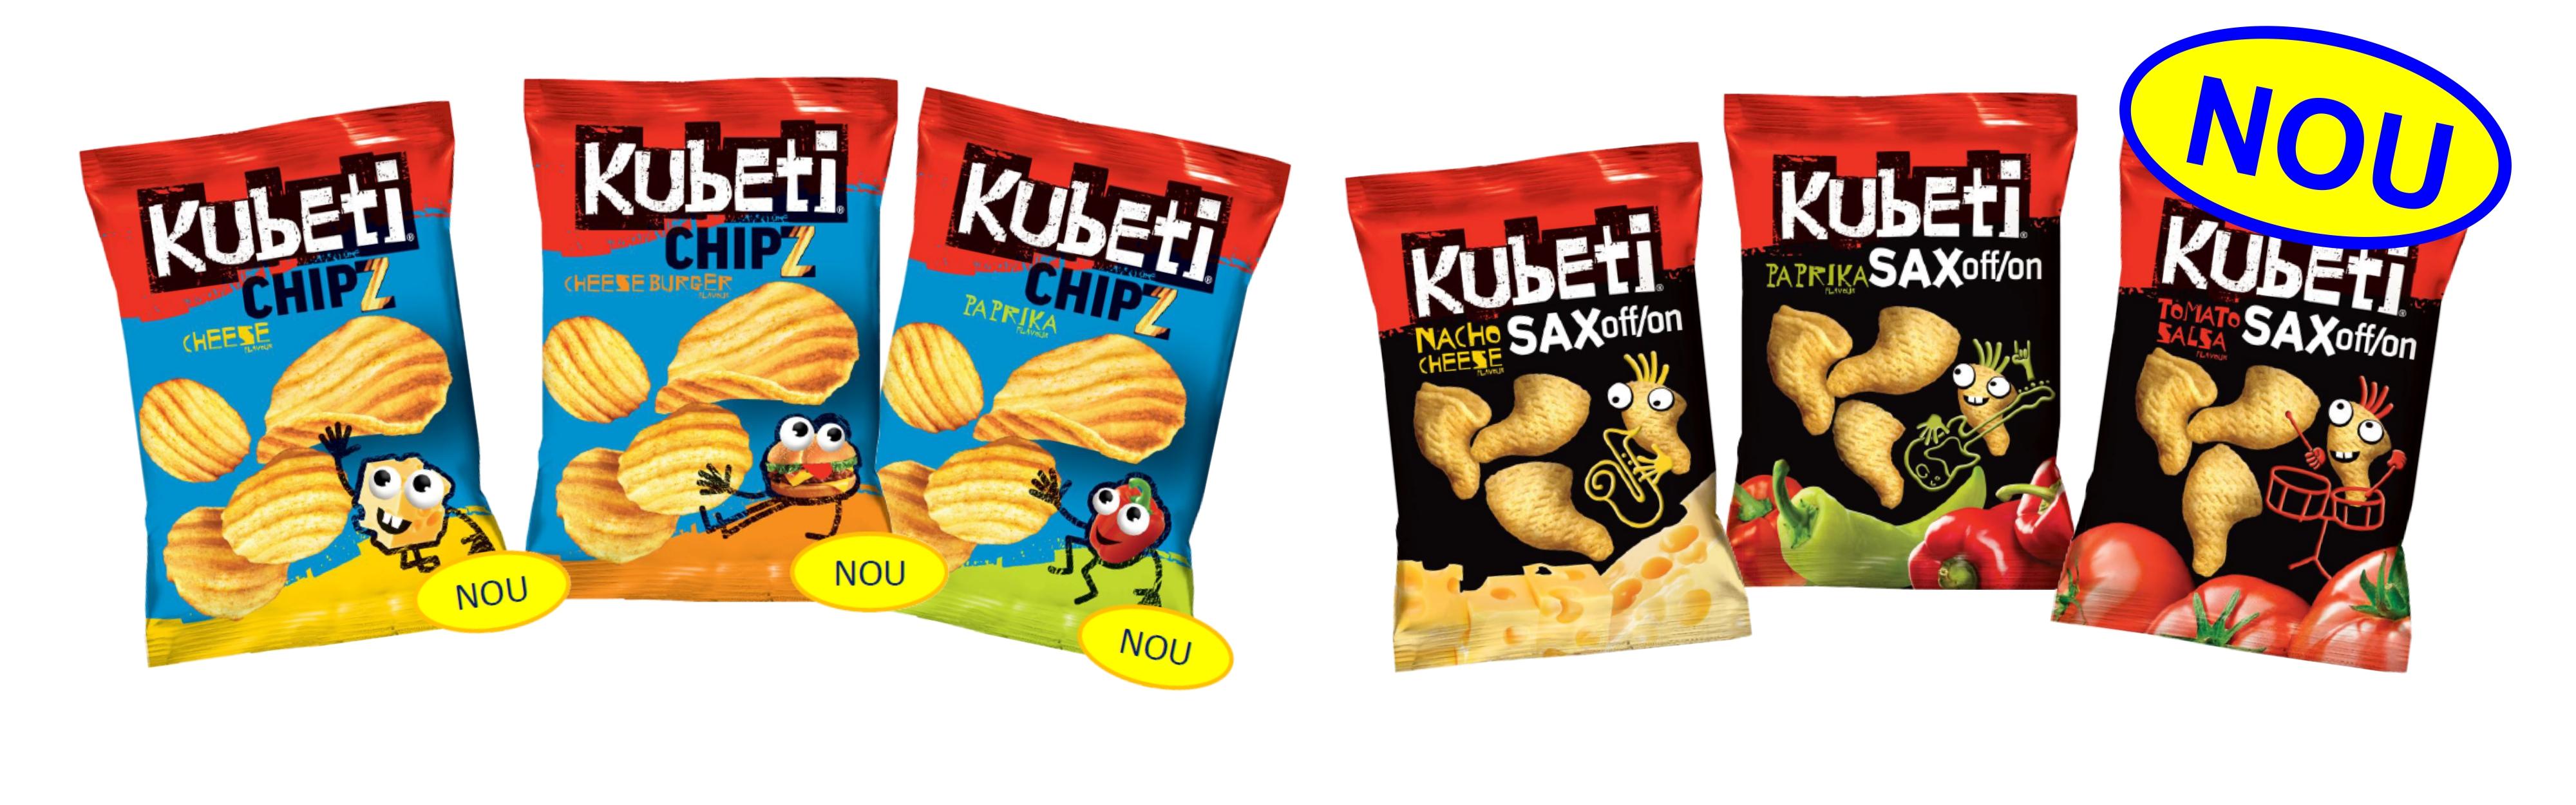 banner-fs-kubeti-chipz-sax